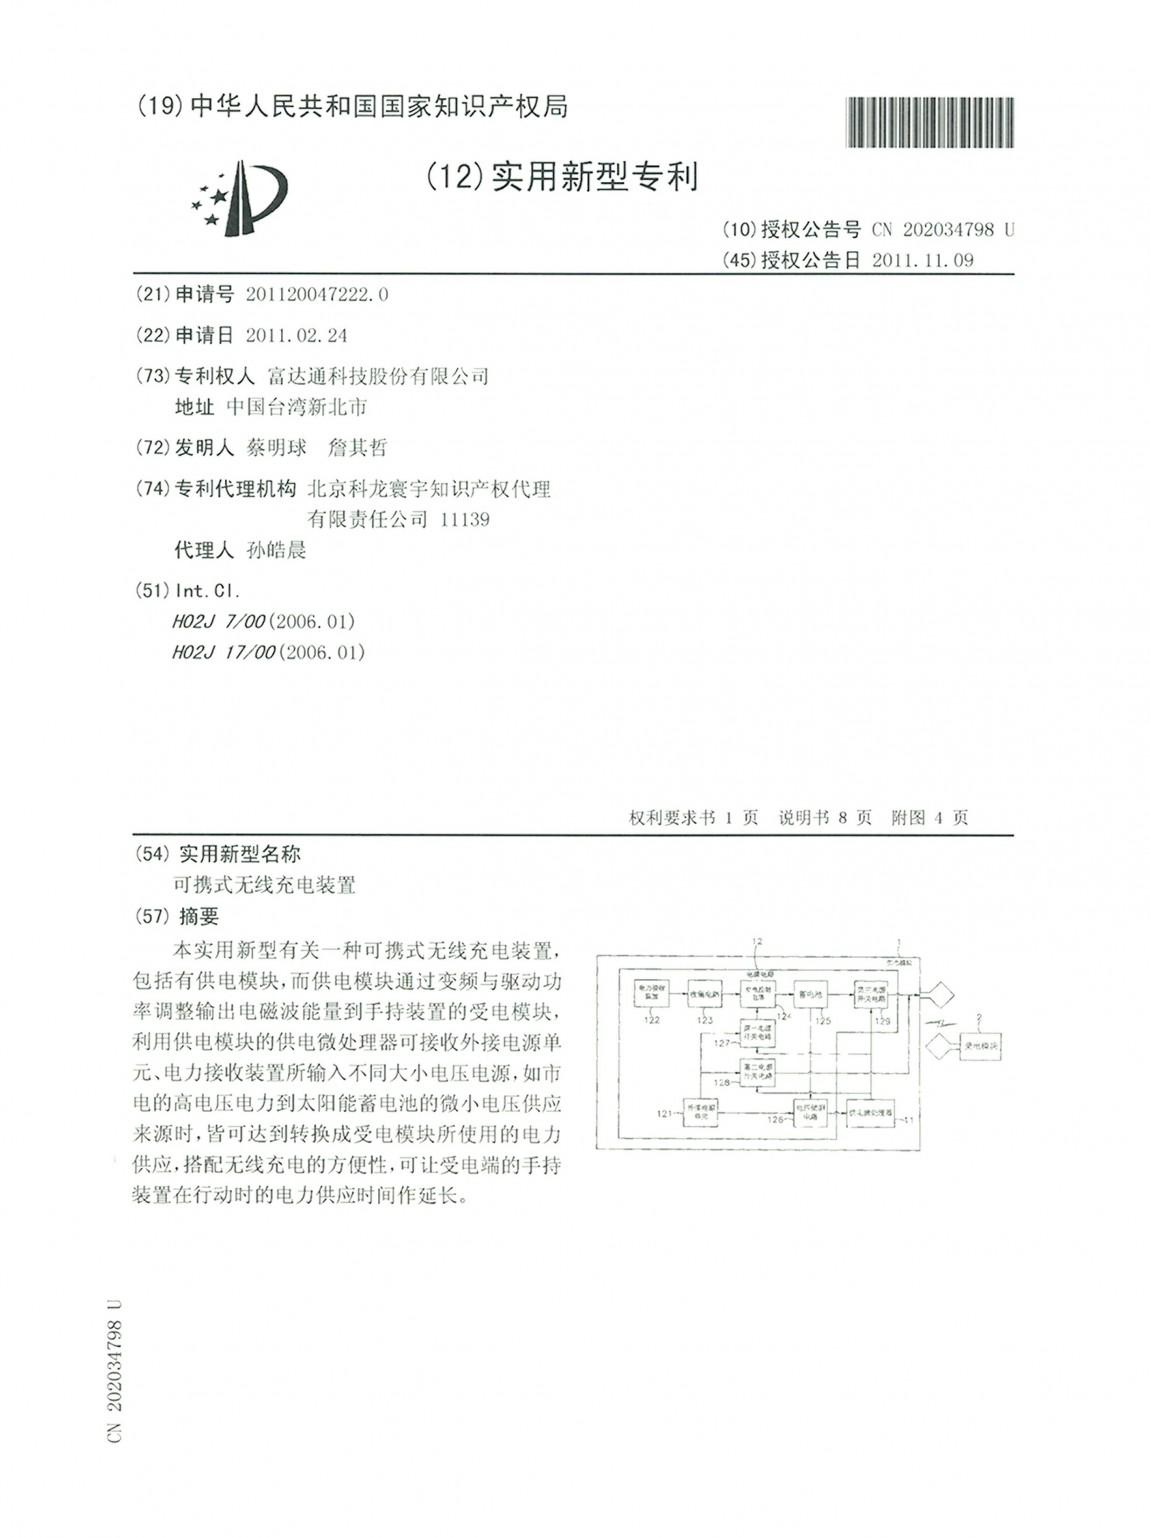 富達通專利05-可攜式無線充電裝置(中國)CN2011200472220